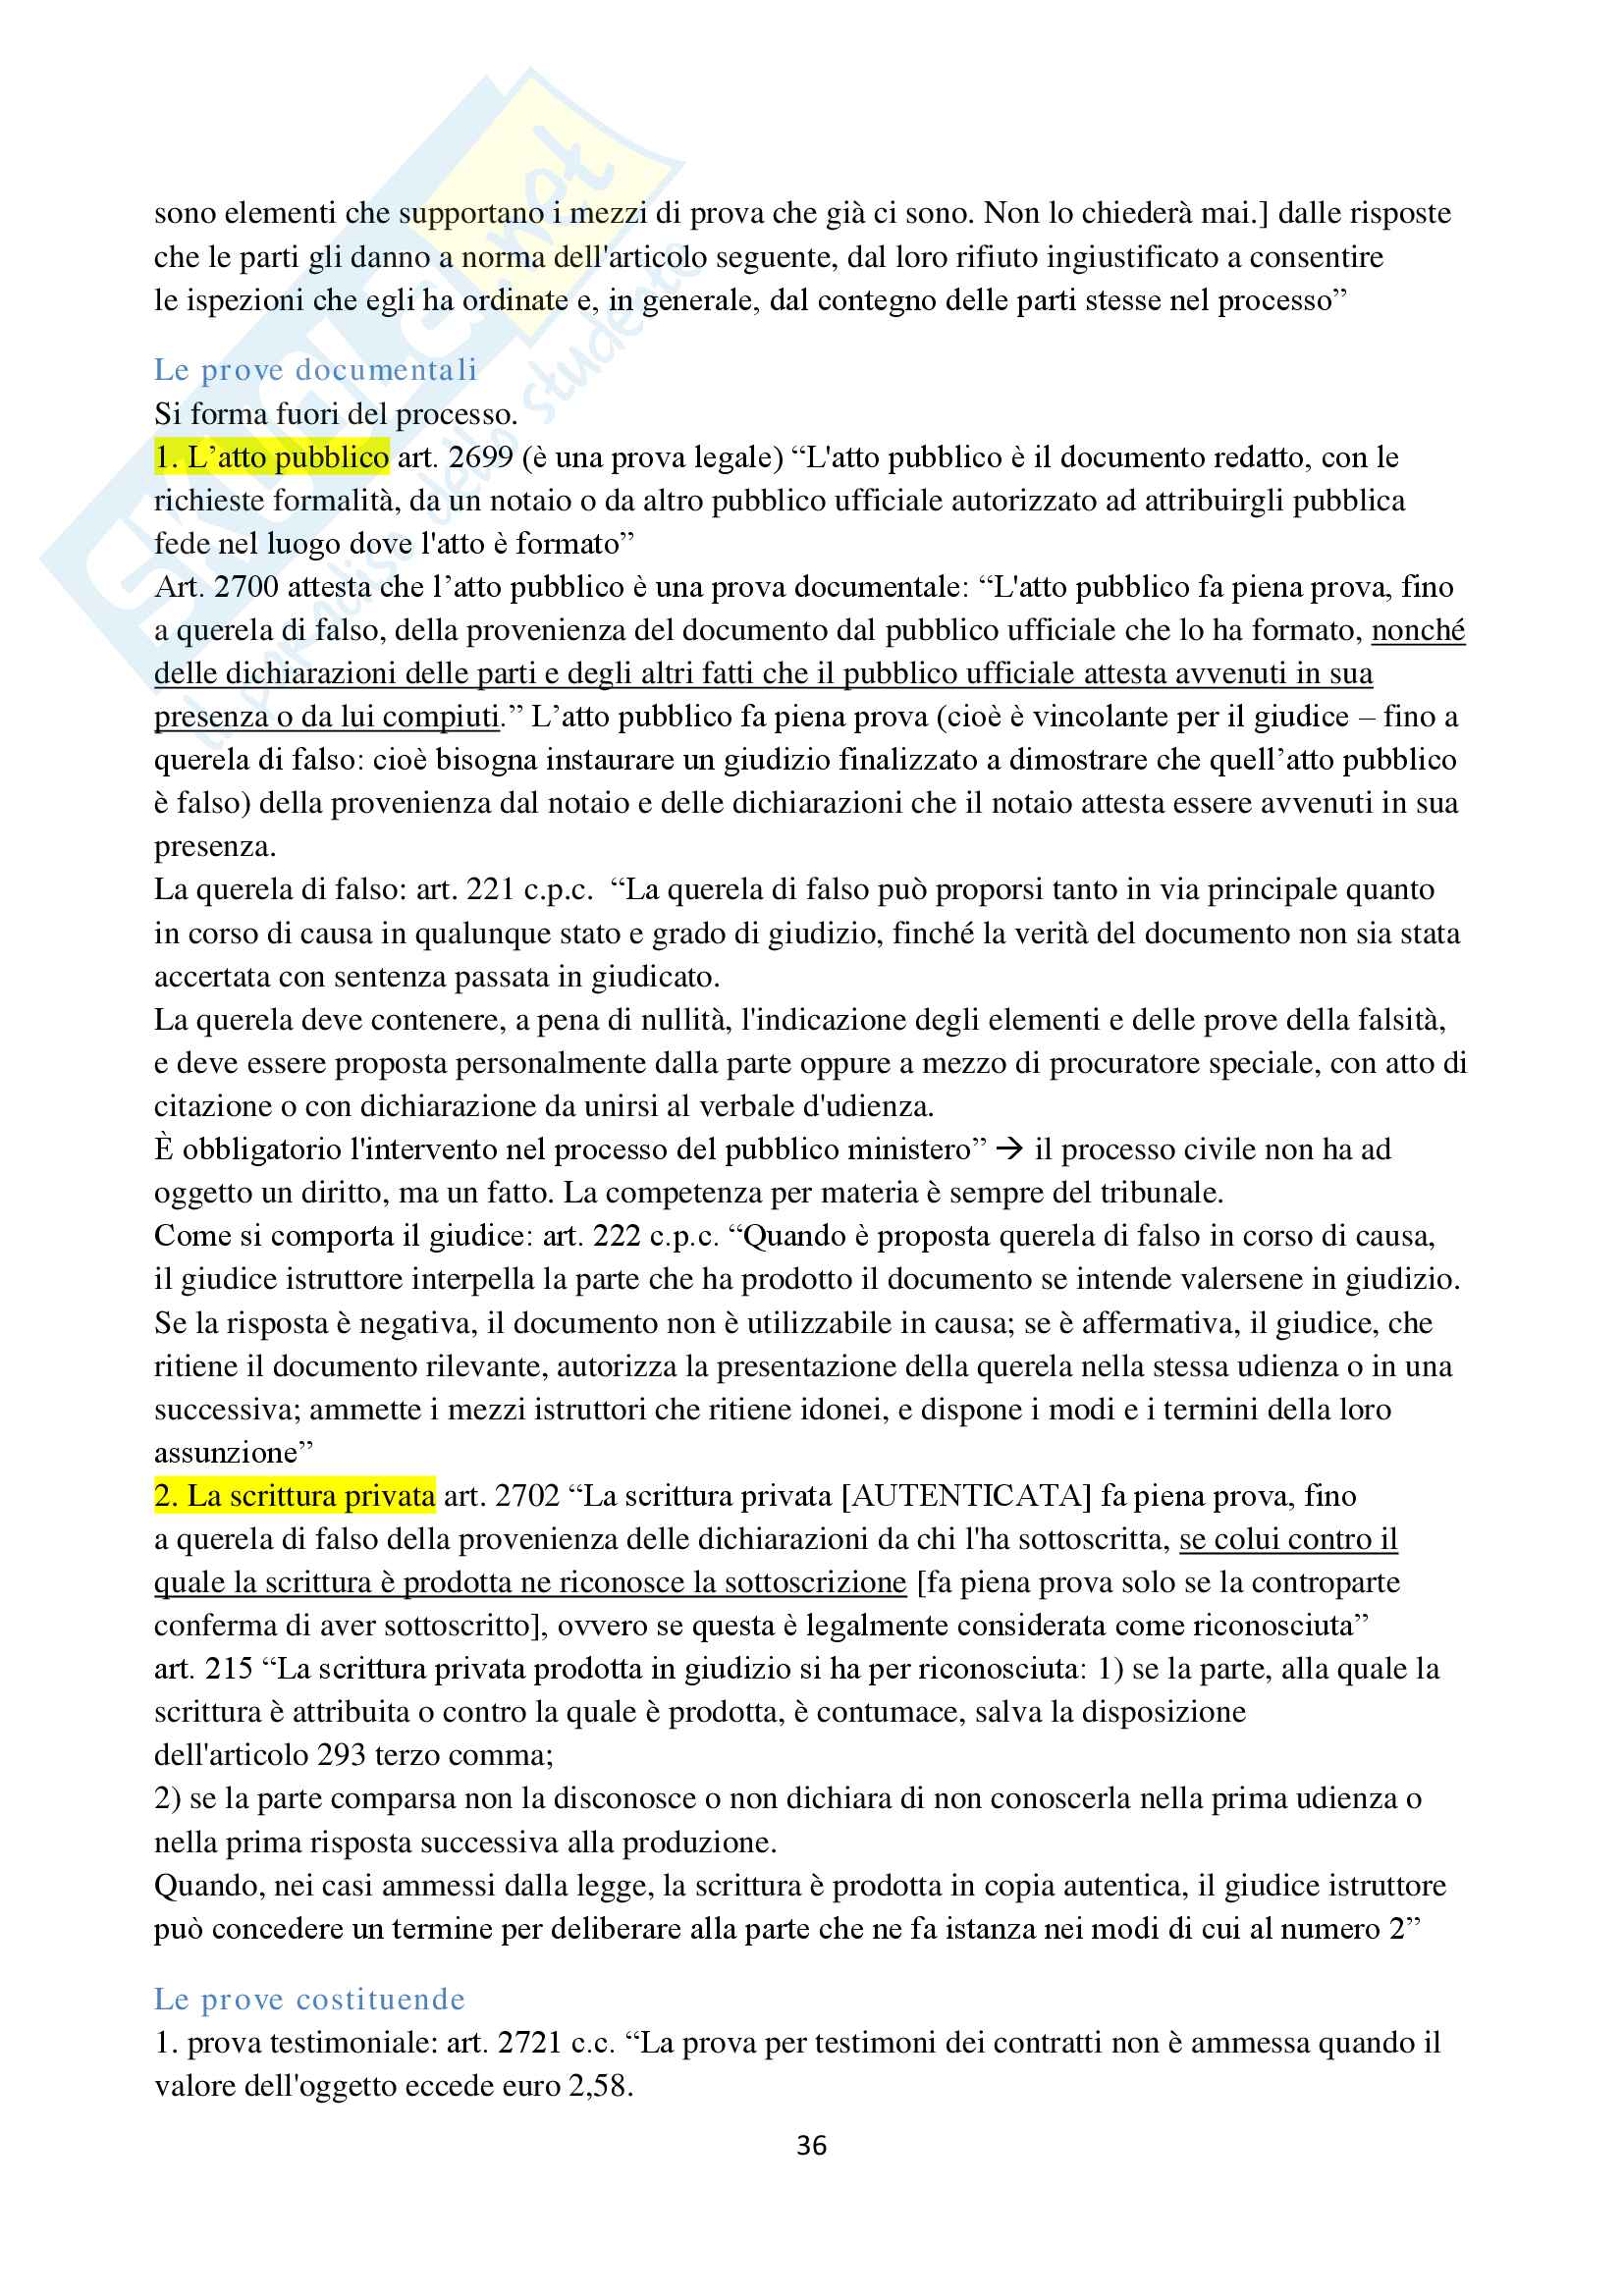 Appunti di Procedura Civile I D'Alessandro per esoneri. Unito Pag. 36